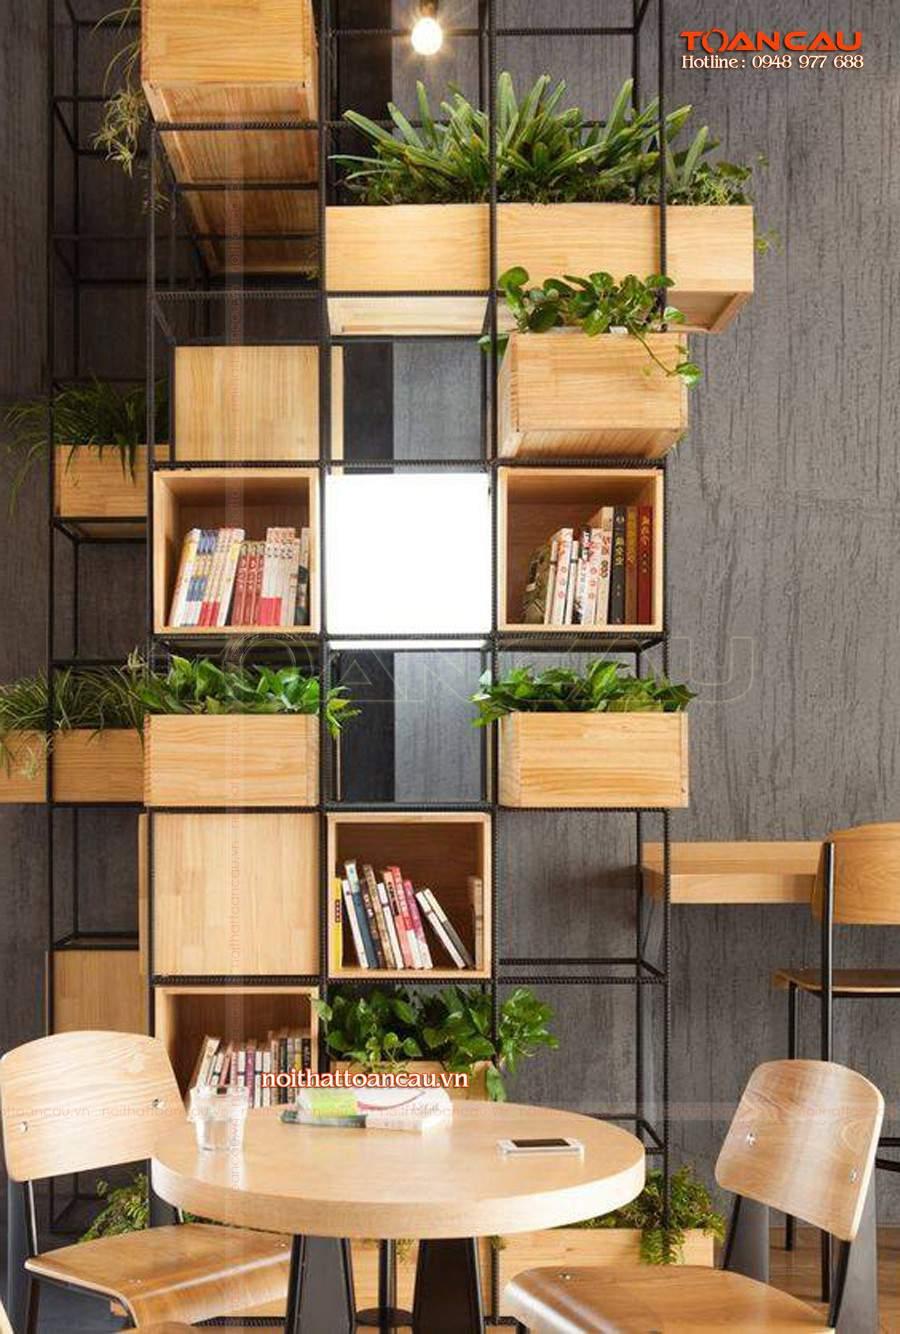 Thiết kế vách ngăn phòng khách và bếp tiện ích trang trí